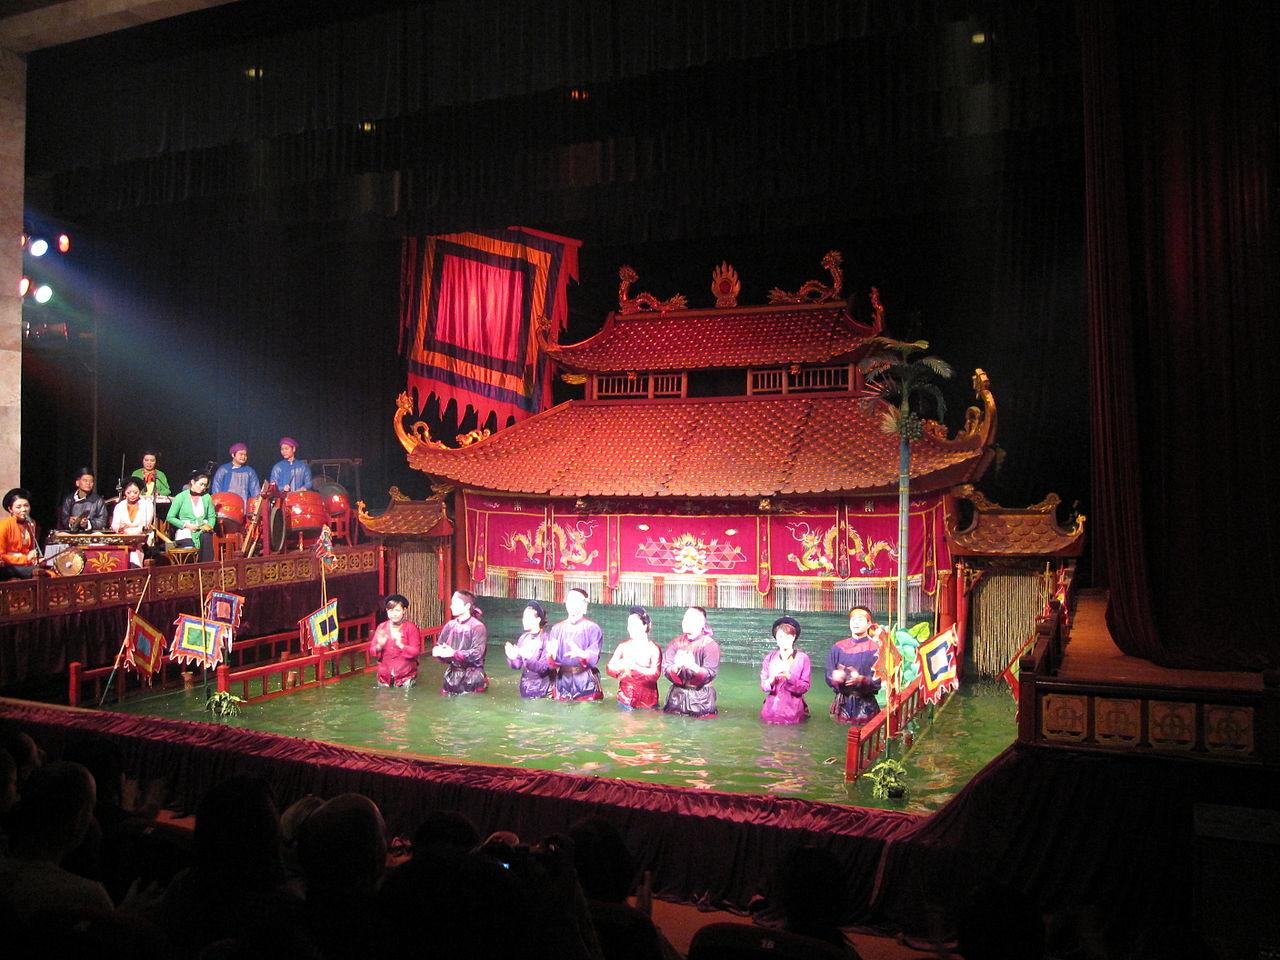 членов колонии вьетнам театр фото регулируемой стоянки москве